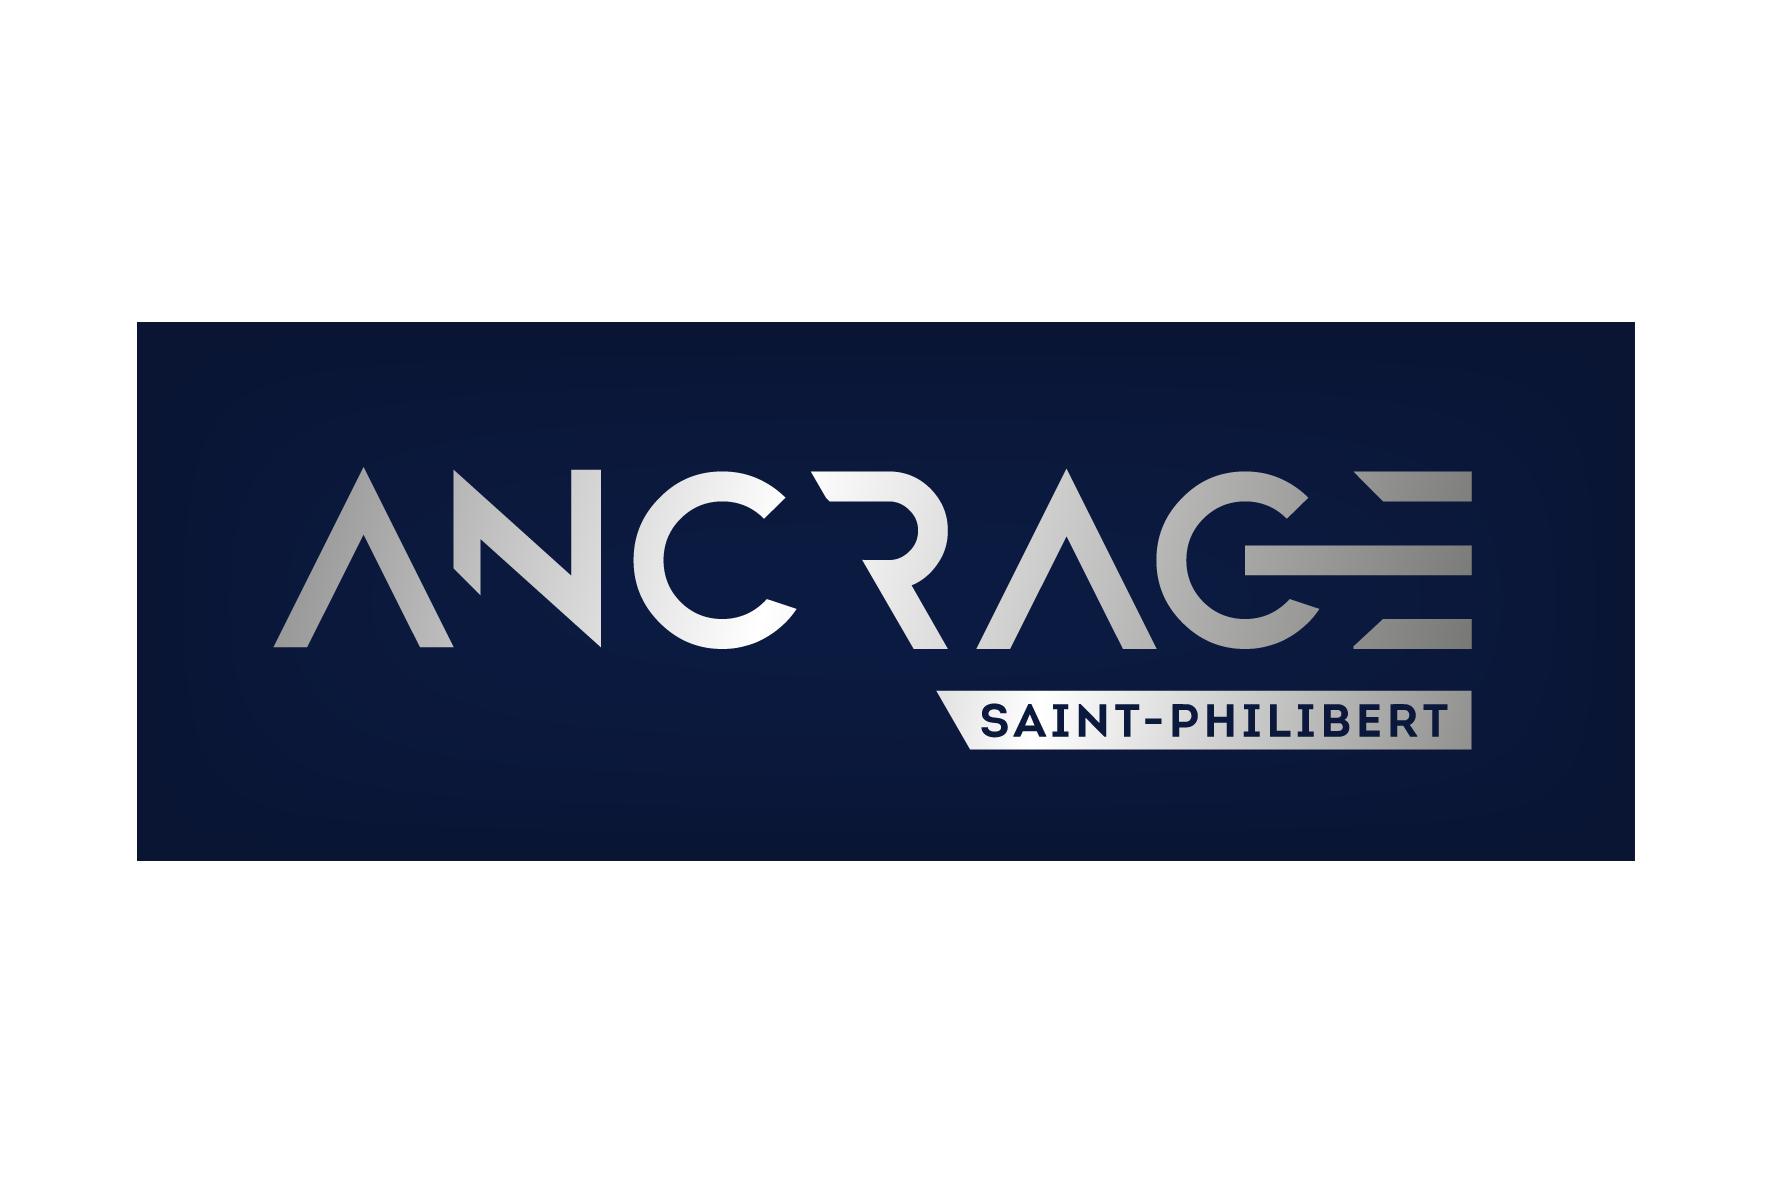 Logo_Ancrage_Terravia